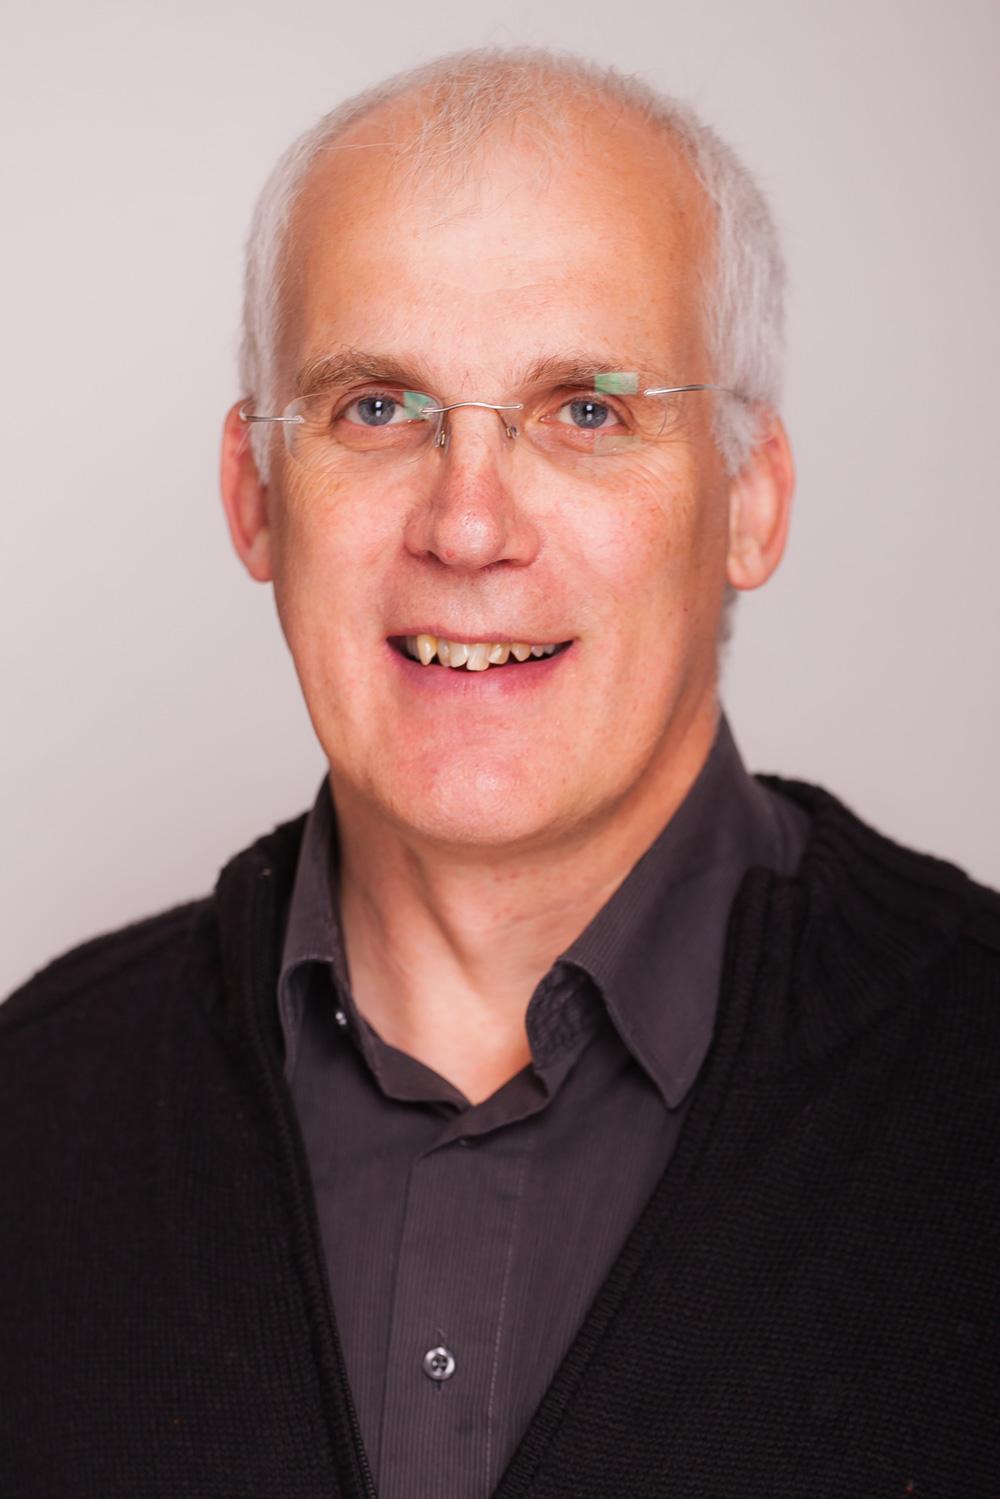 Pfr. Dirk Scheuermann